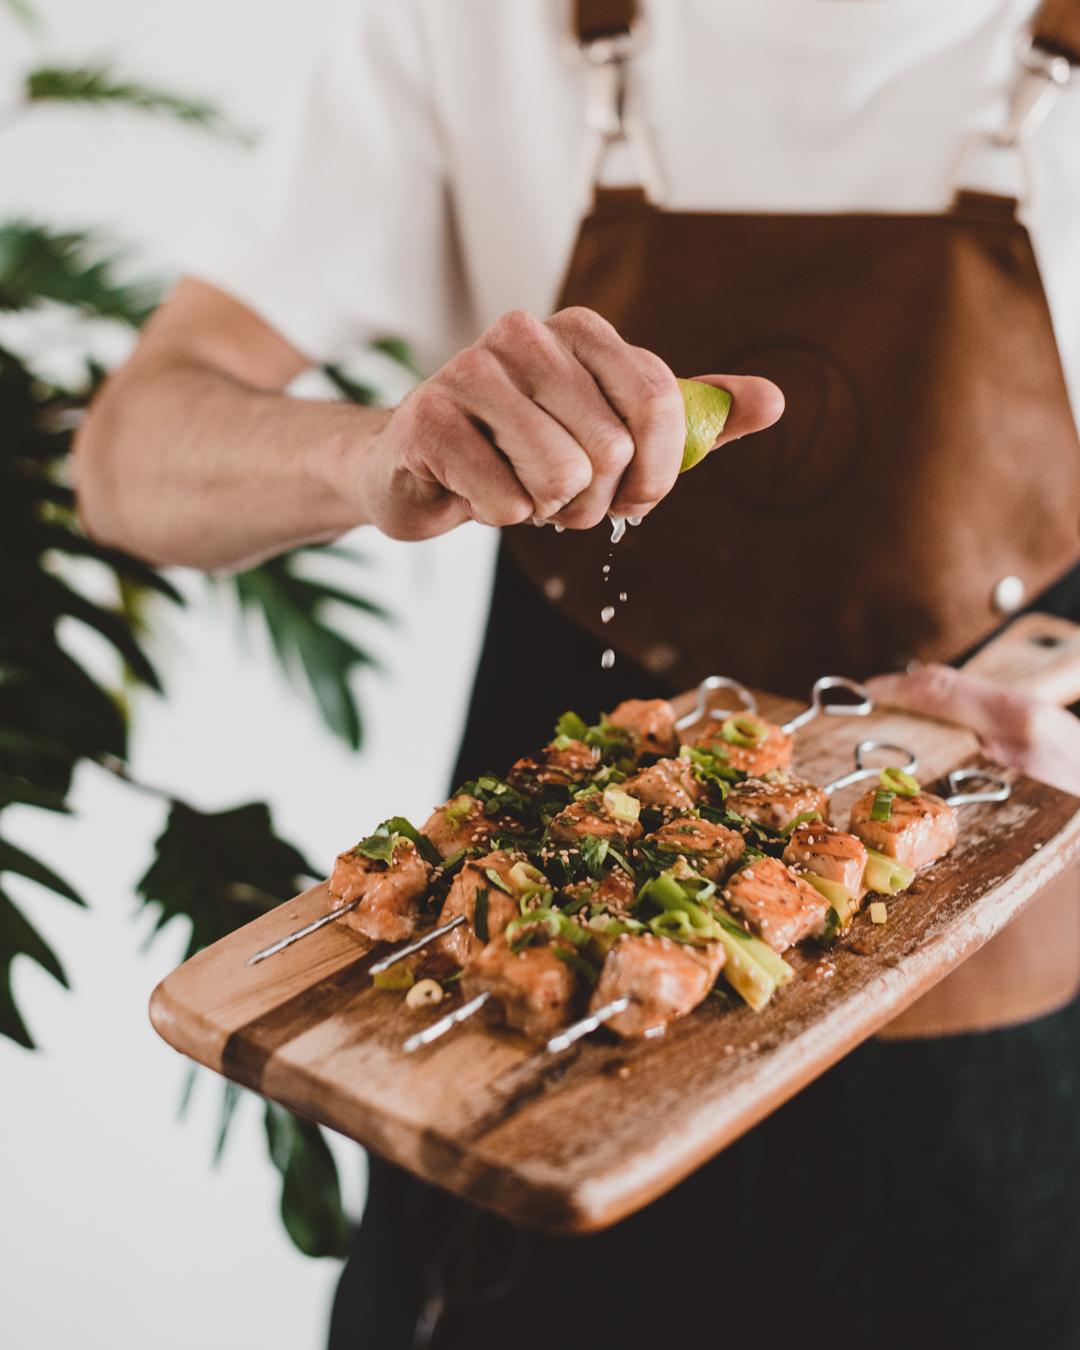 Gastblog - 88 Food